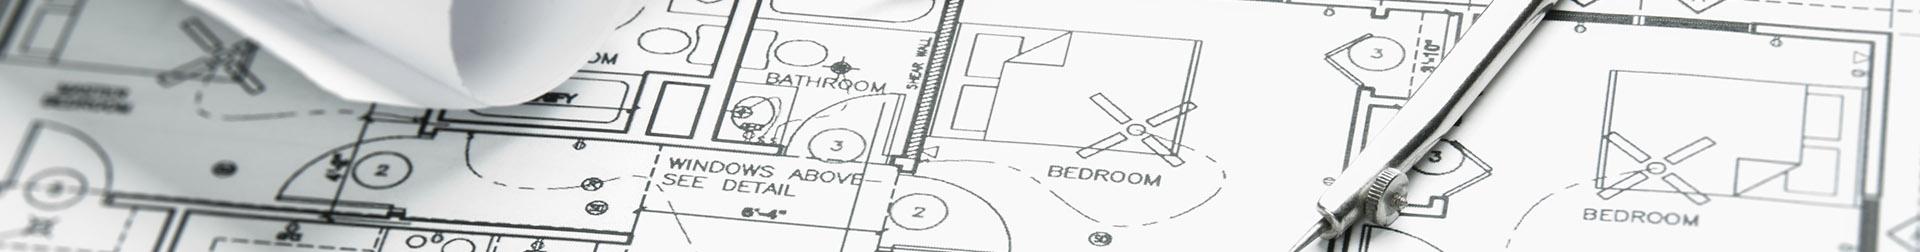 Canosa Immobilien Projektplanung